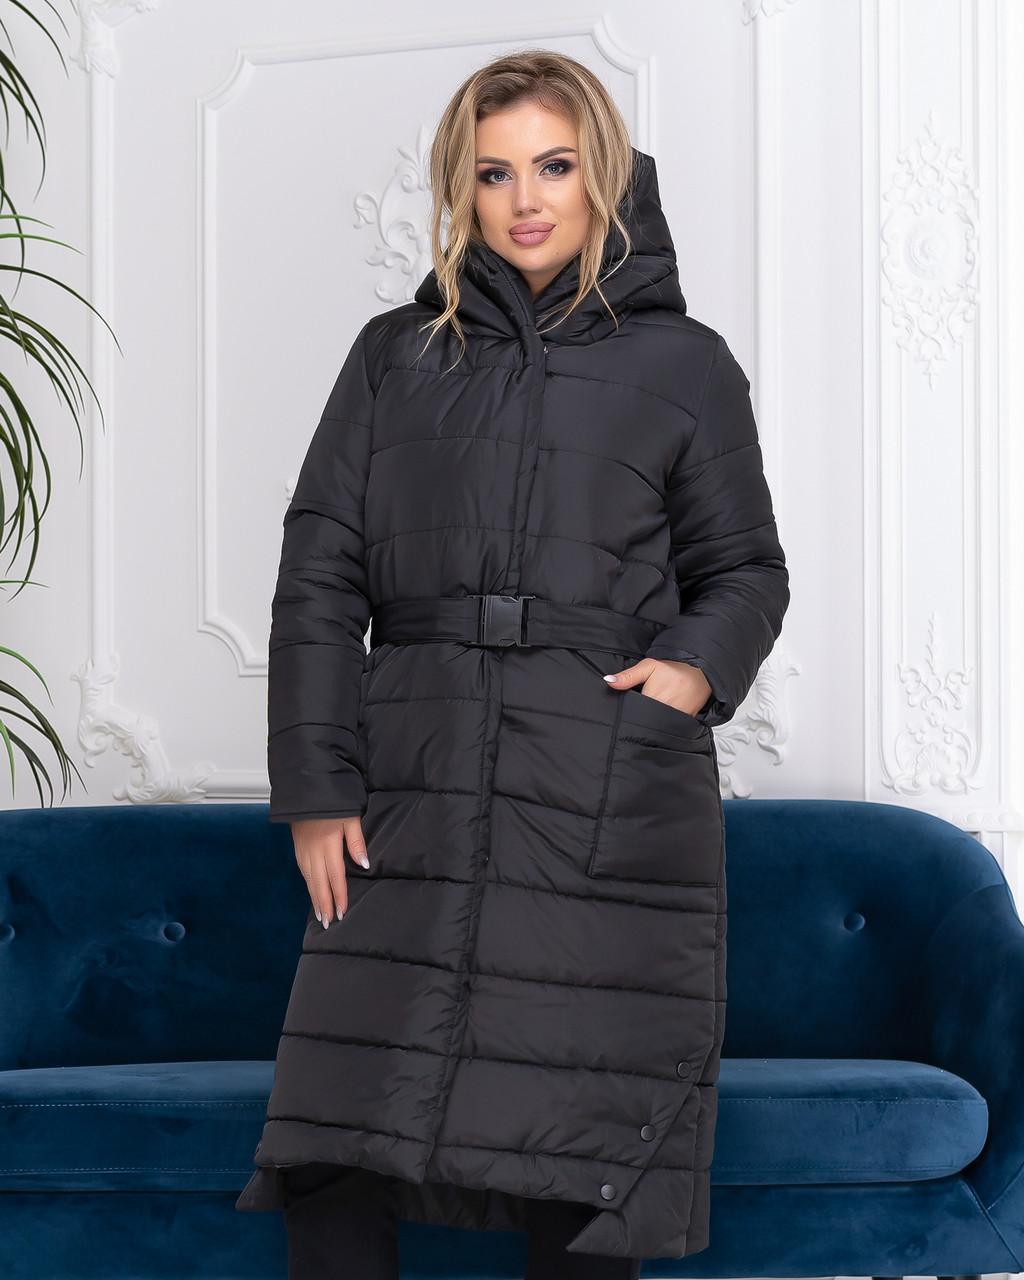 Пальто зимове з поясом, артикул 032, колір чорний